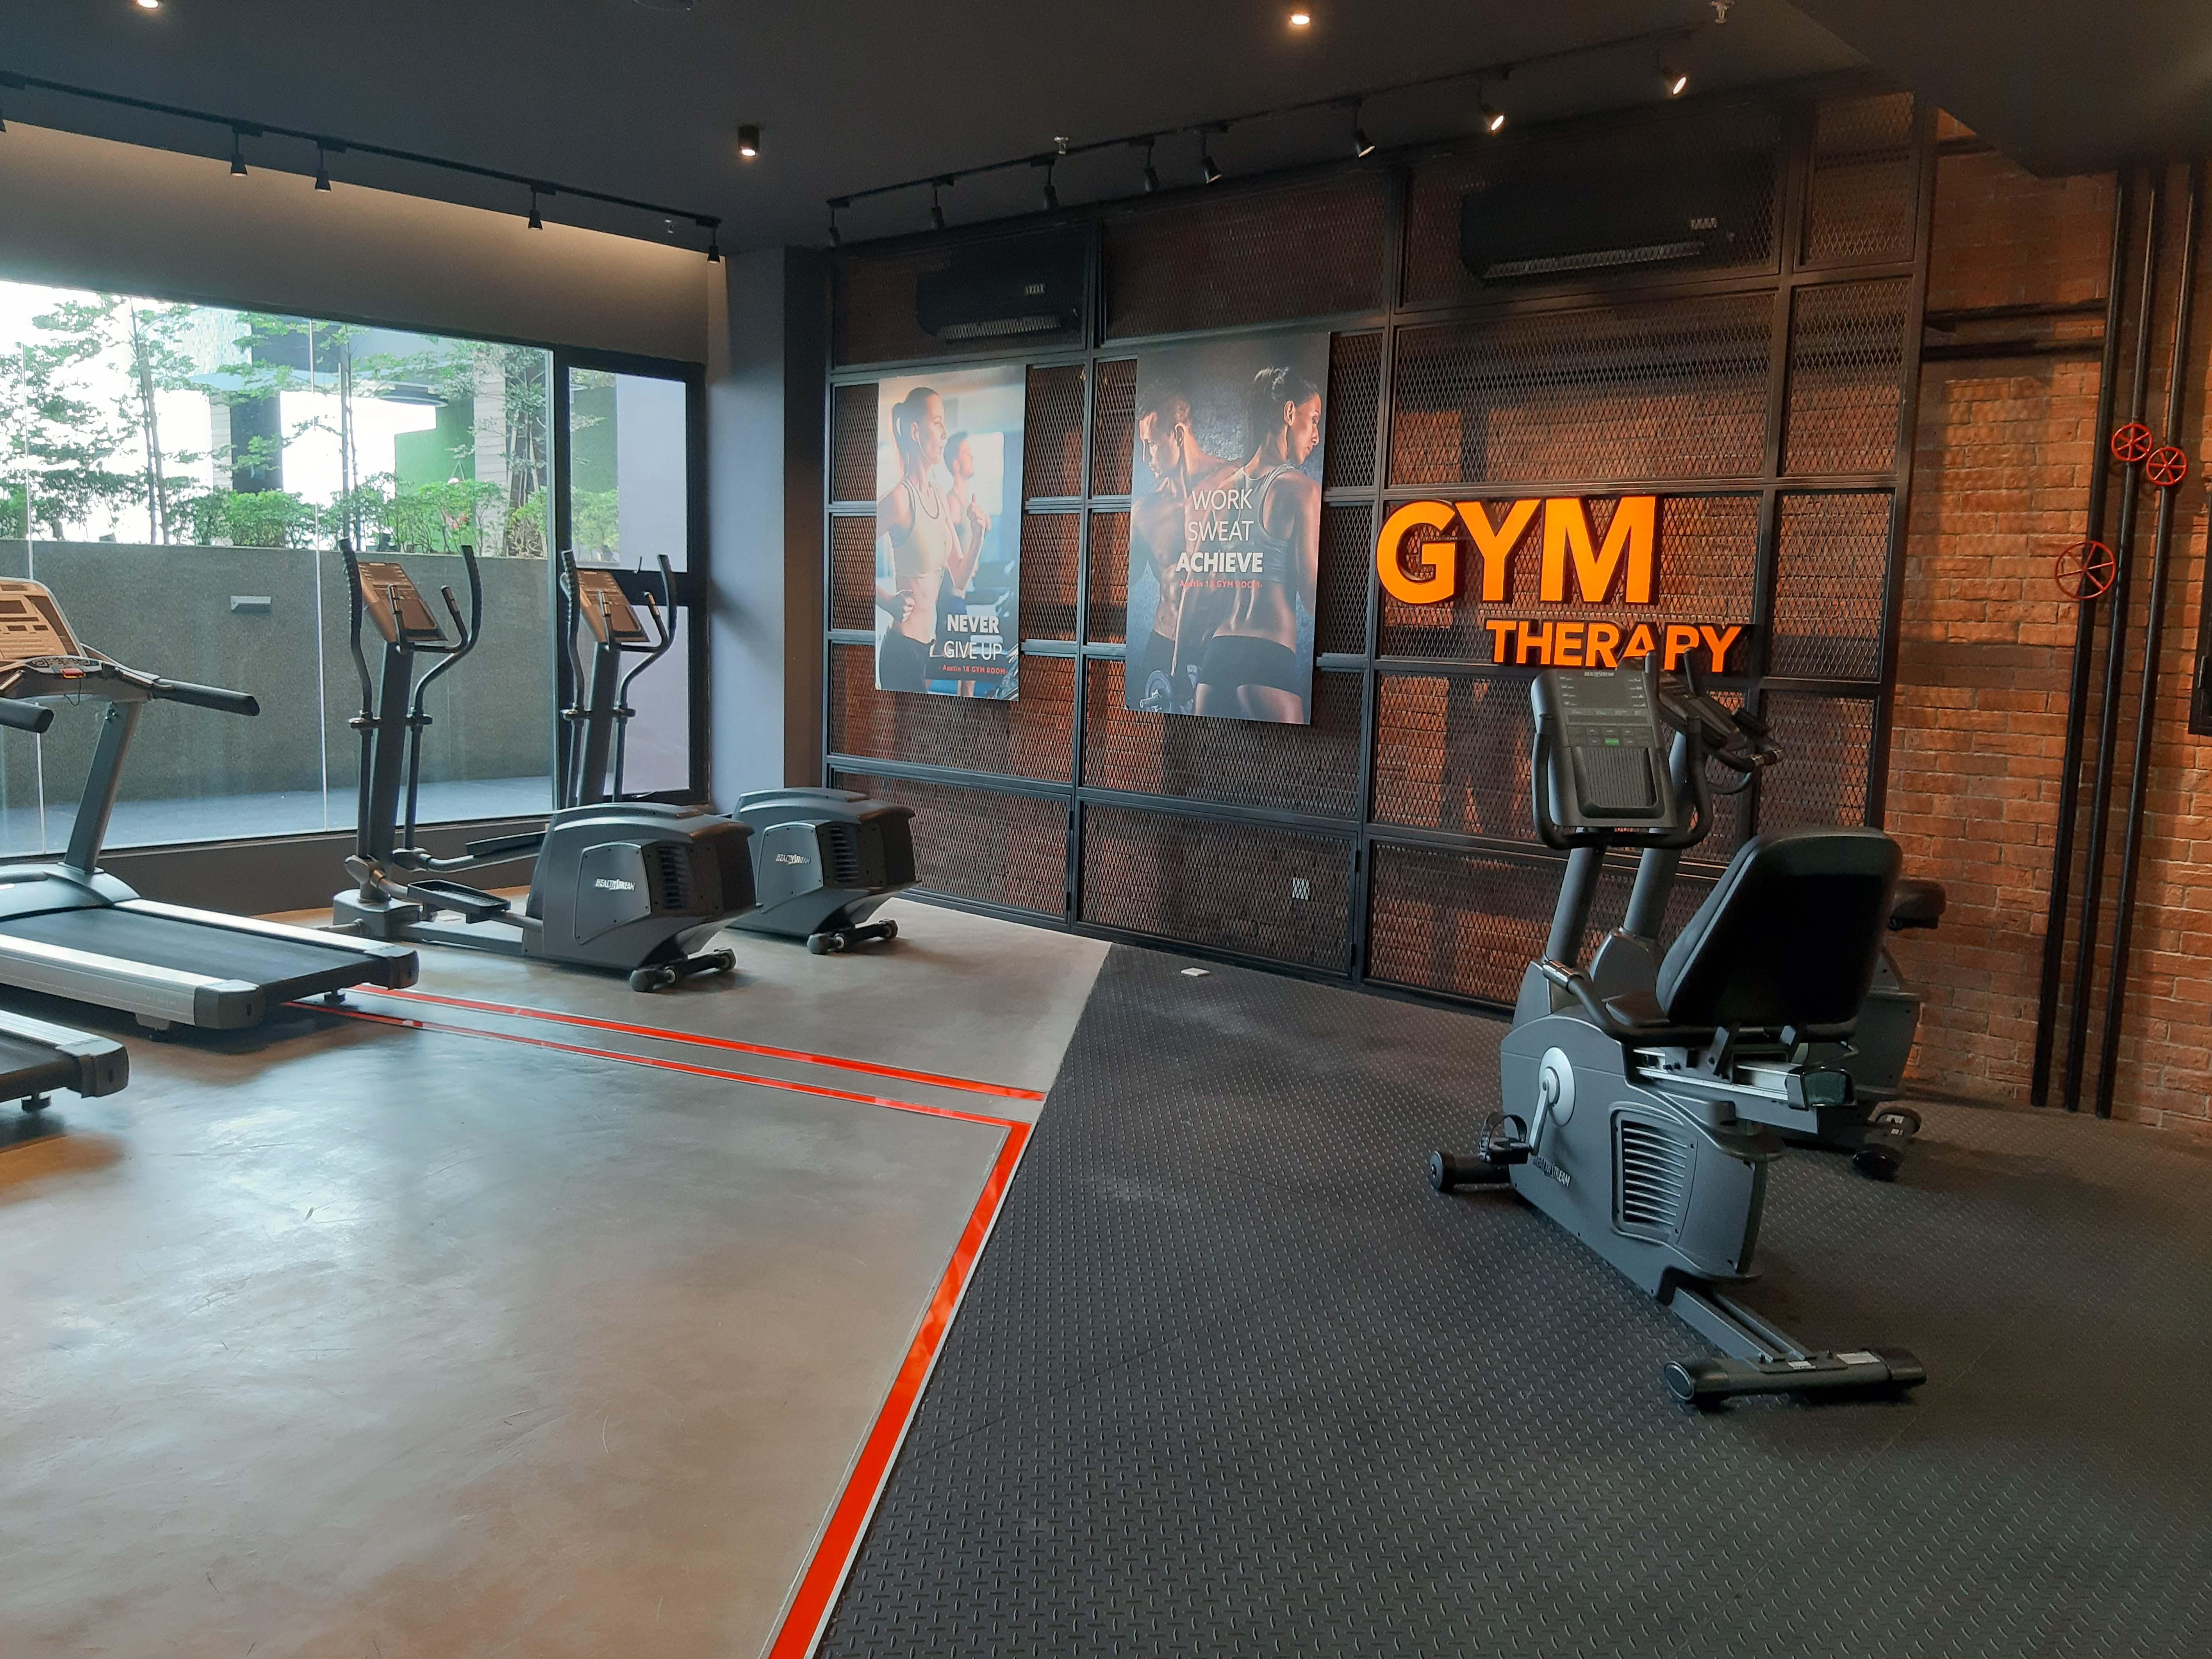 Gym @ austin 18